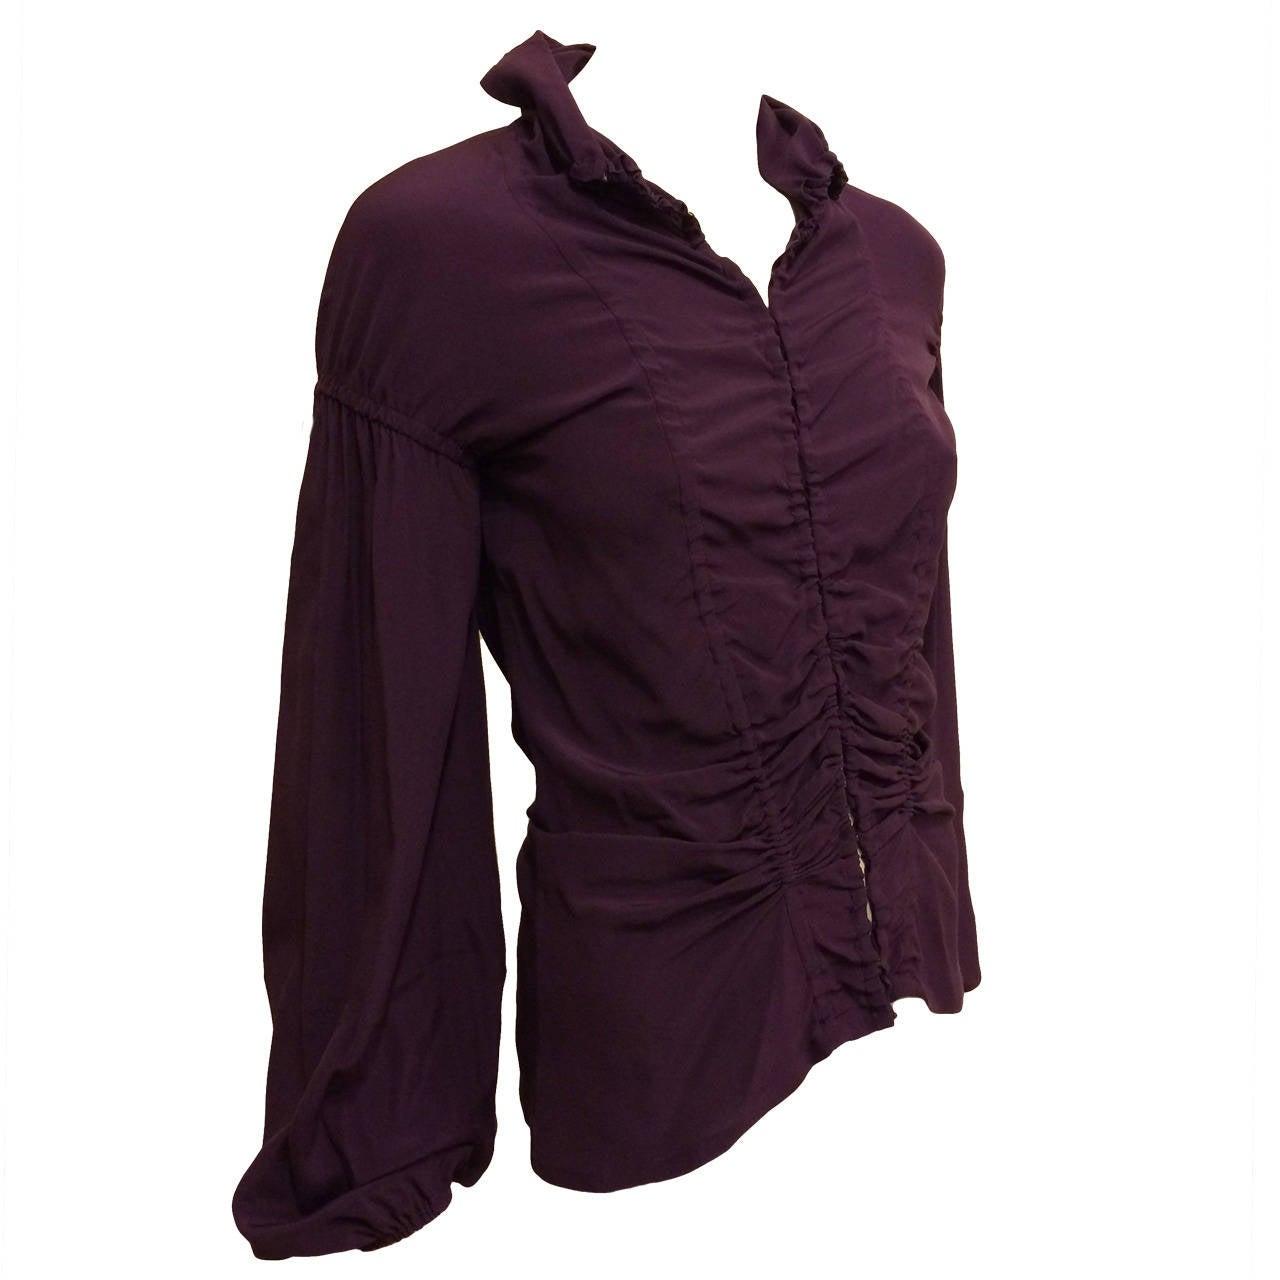 Yves Saint Laurent Purple Ruched Blouse